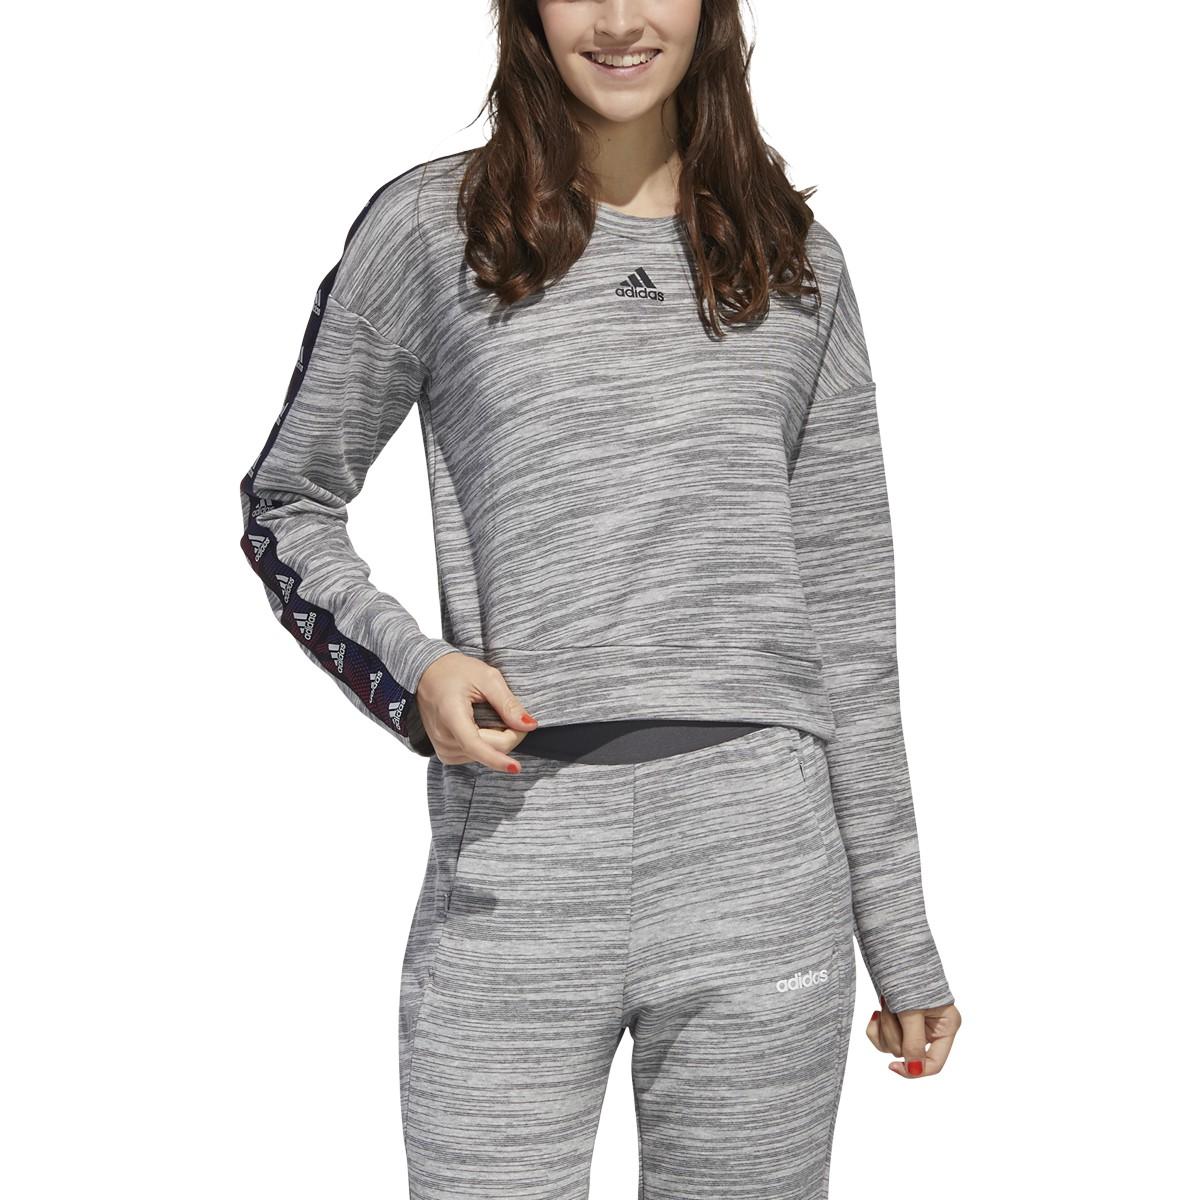 Adidas Essential Sweatshirt Womens GY